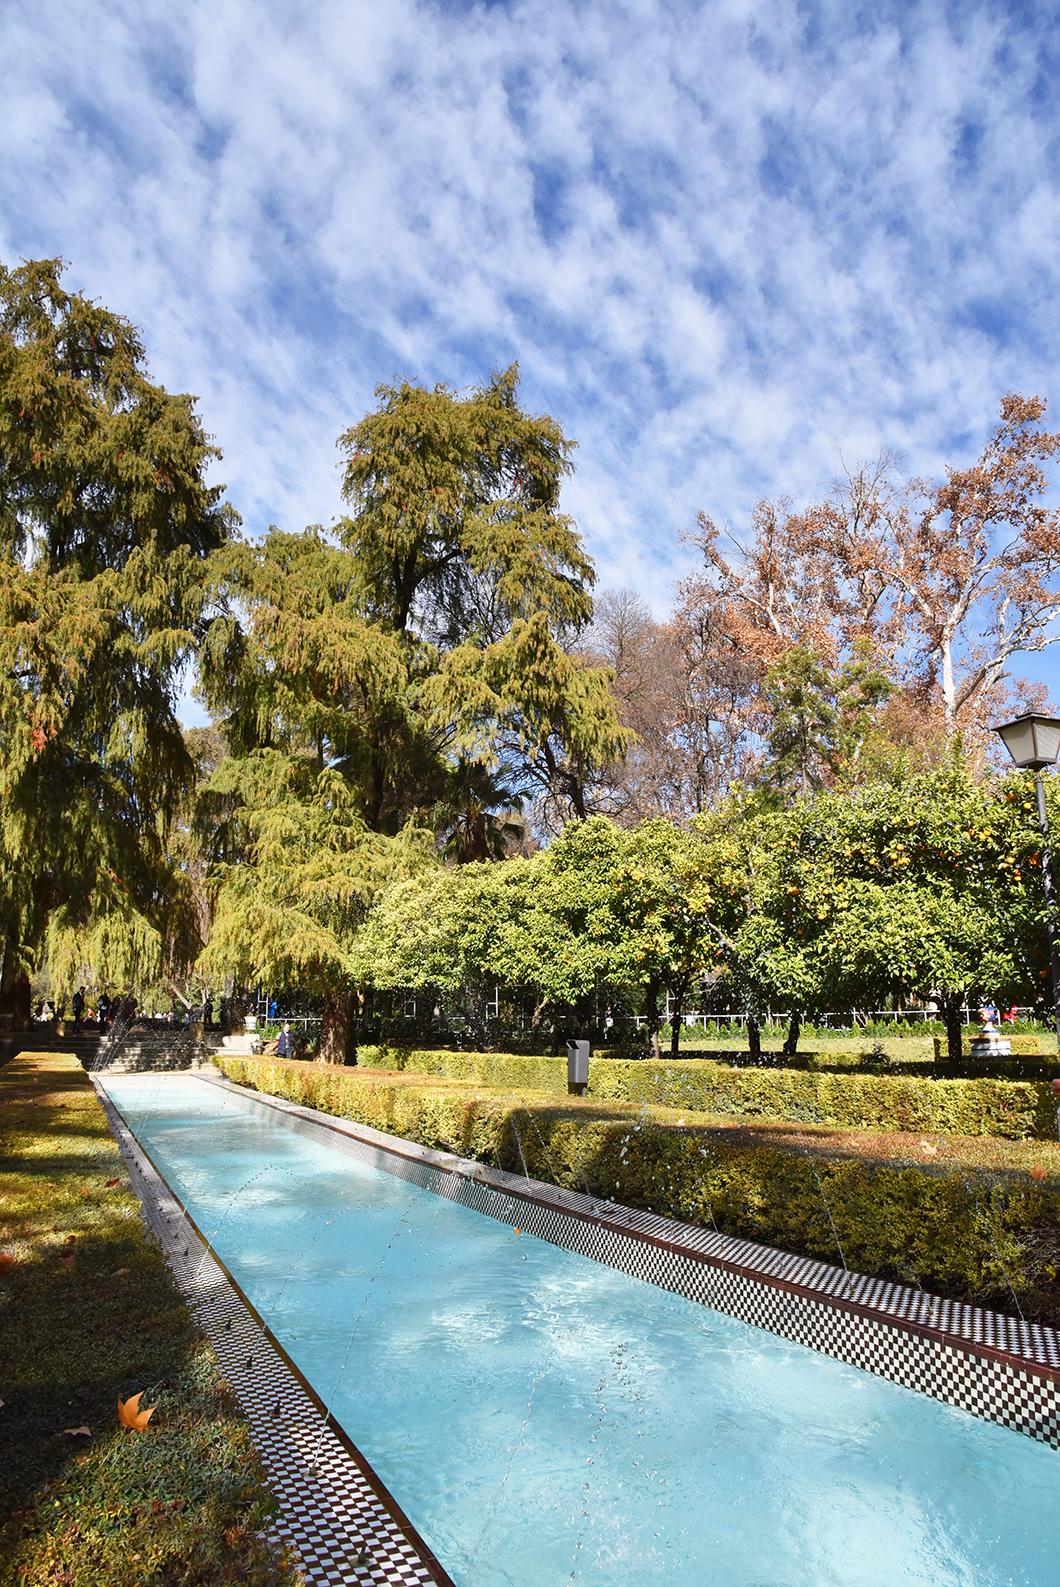 Visiter le Parc Maria Luisa à Séville